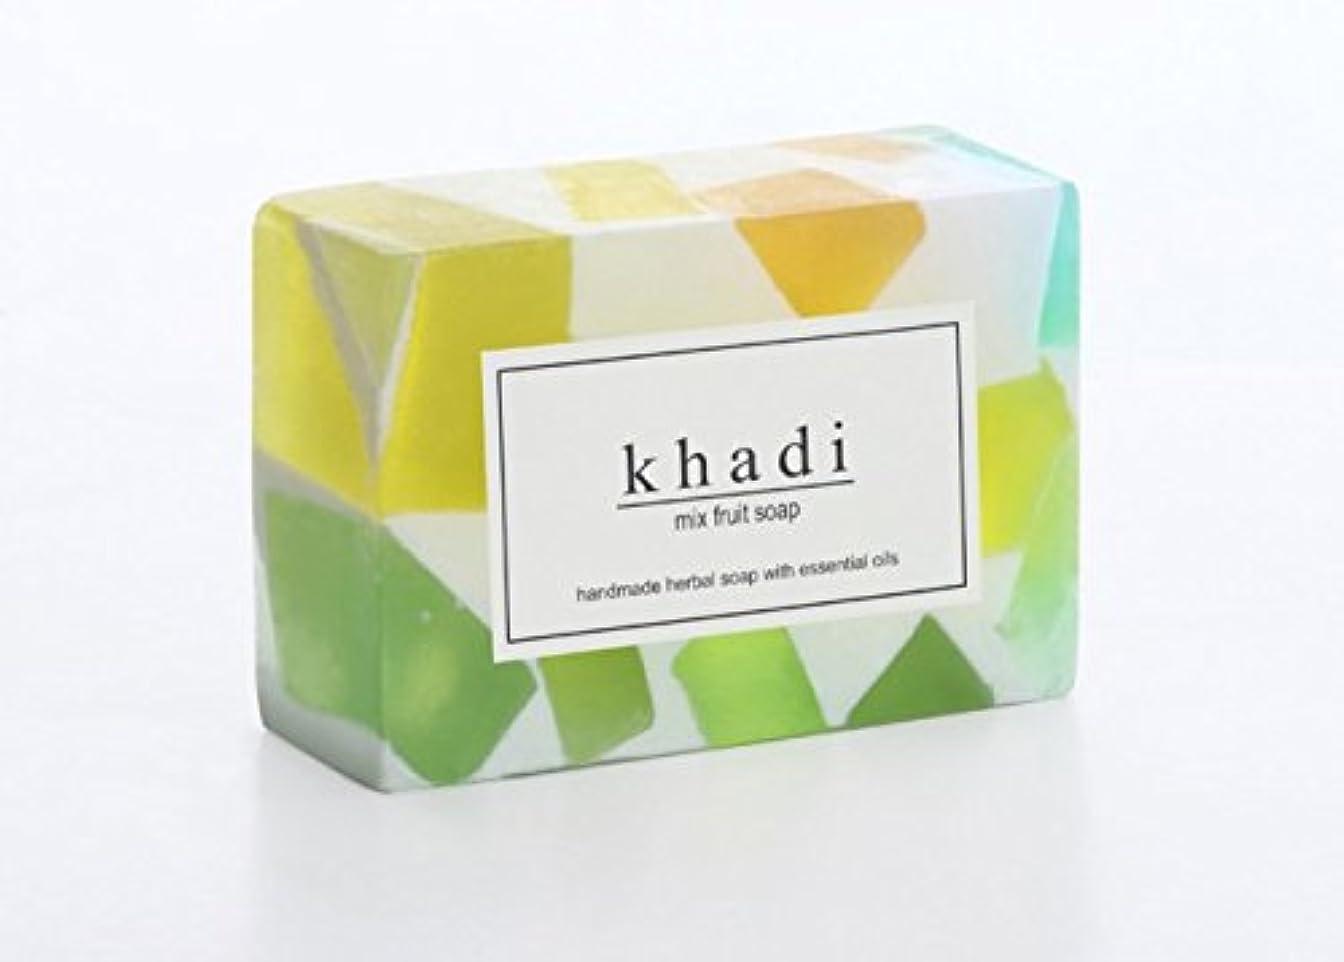 リットル濃度クロールKhadi Natural Mix Fruit Soup(ミックスフルーツ石鹸)125g 6個セット [並行輸入品]